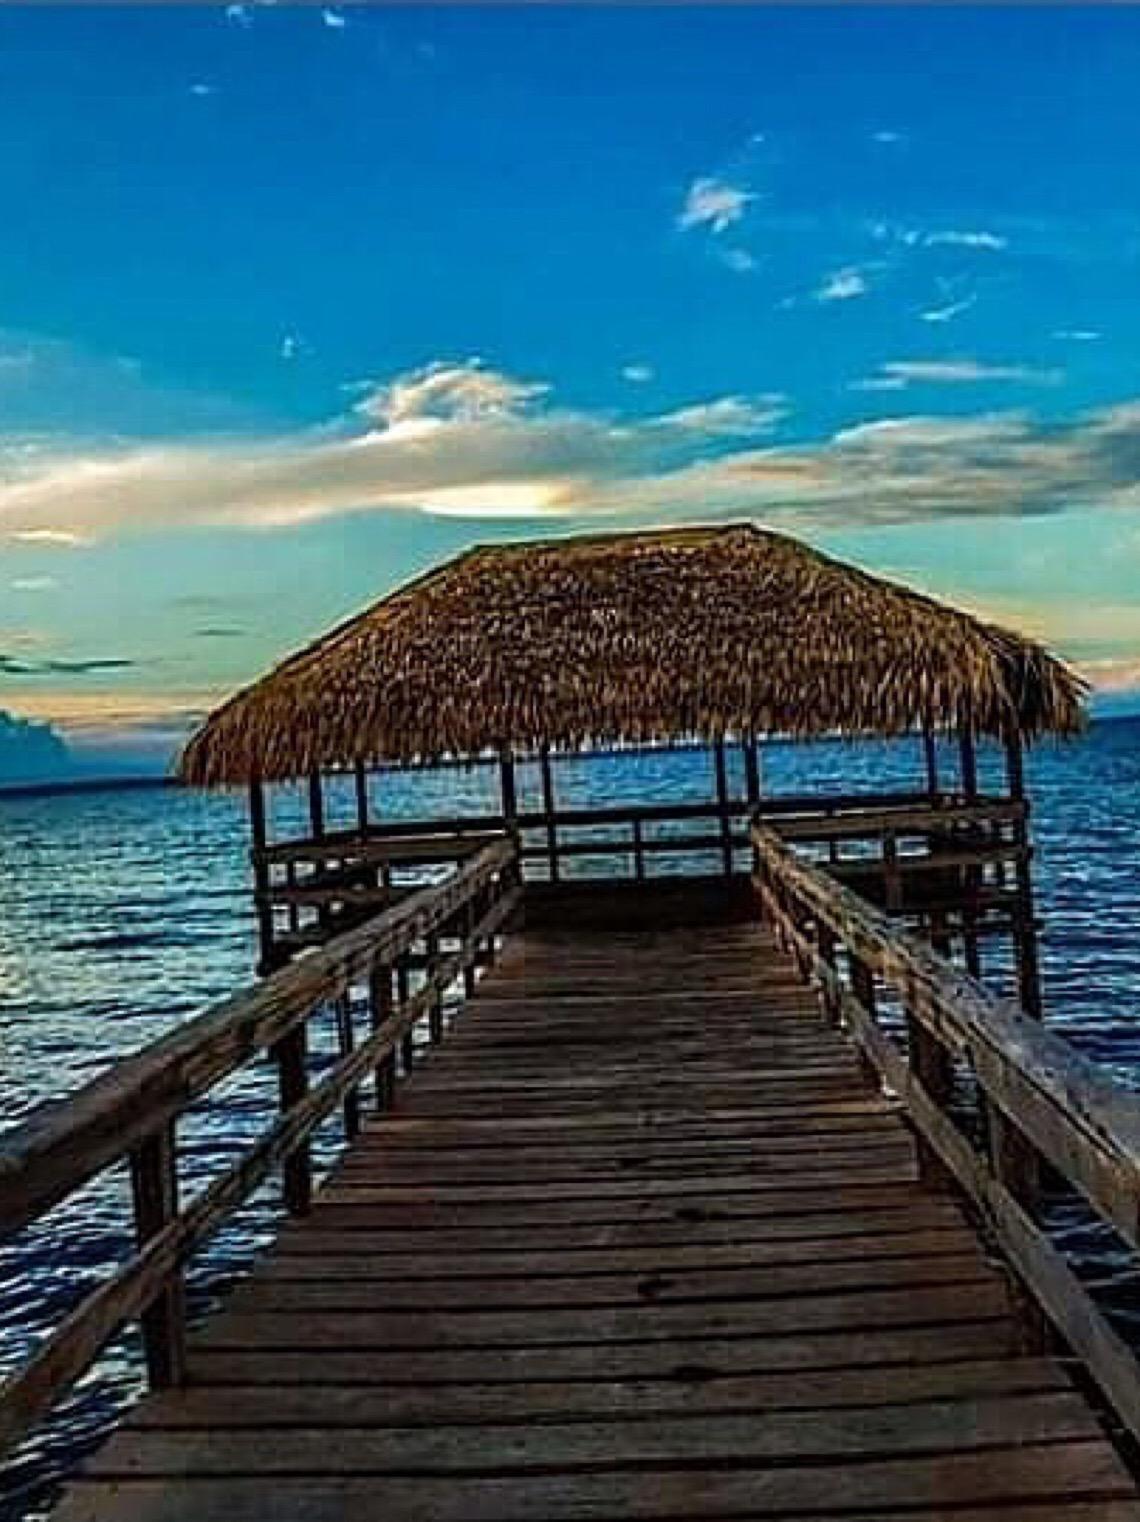 Turismo comunitário favorece troca de conhecimentos agroecológicos em Resex no Pará